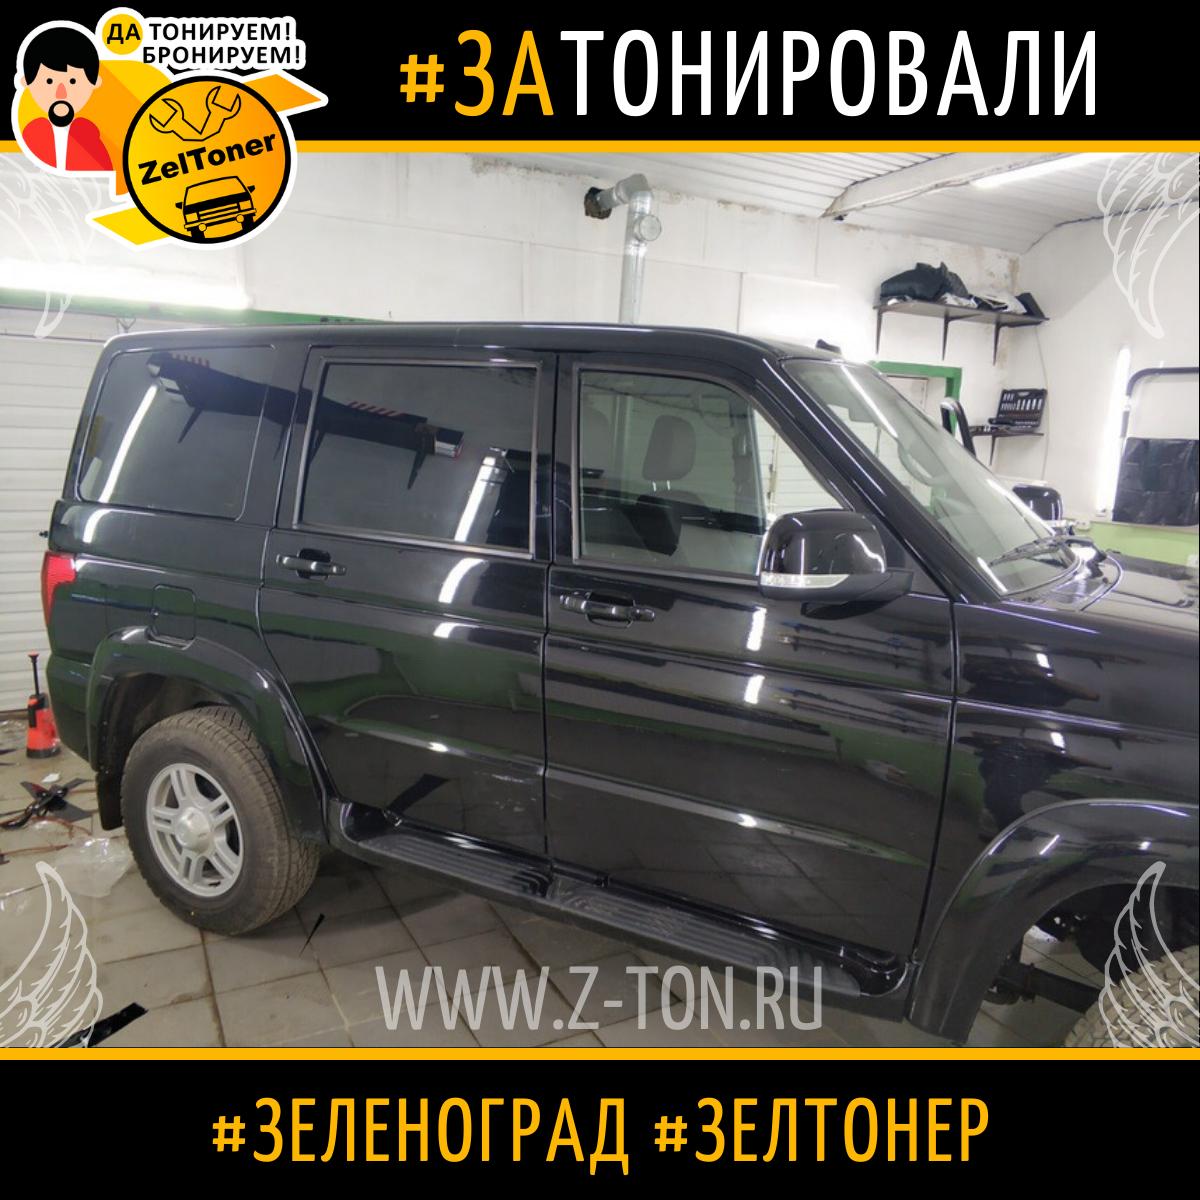 Затонировали УАЗ Патриот - 5% ✌😎